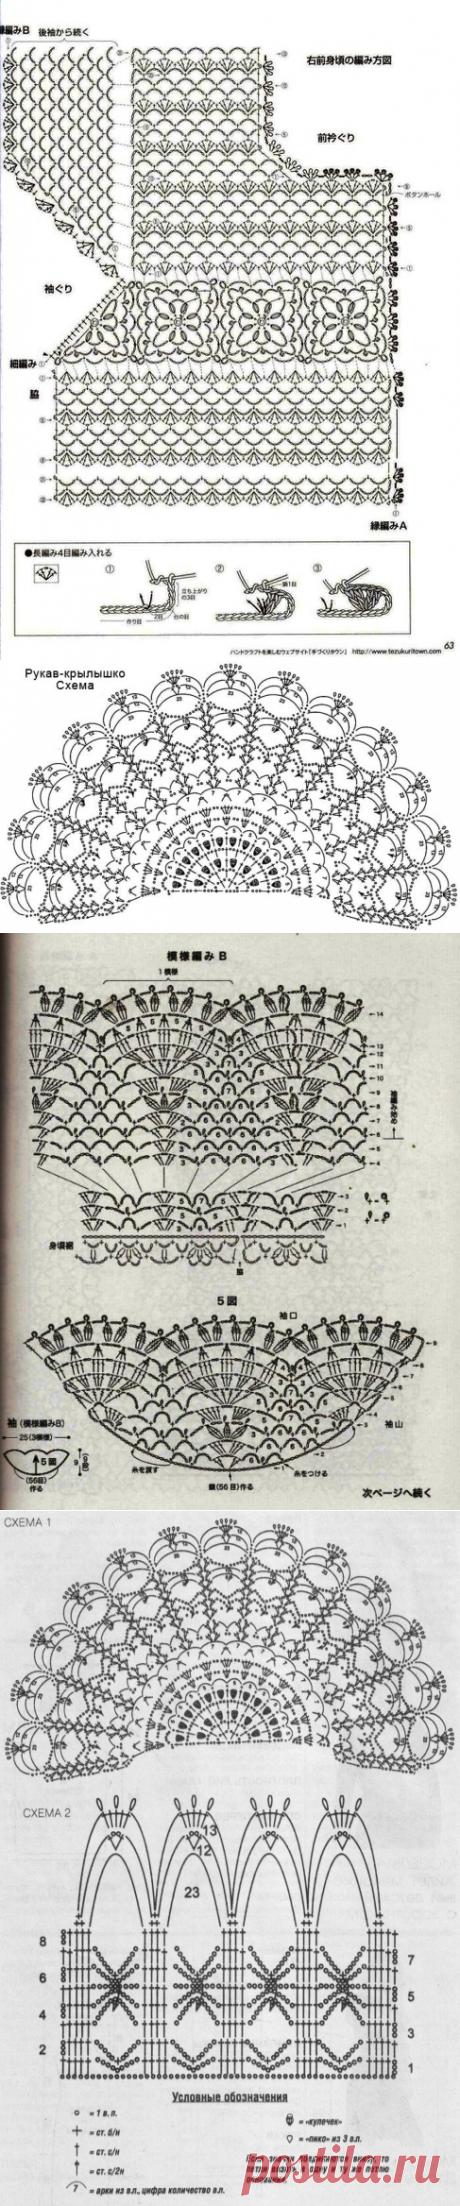 Рукав-крылышко крючком схема